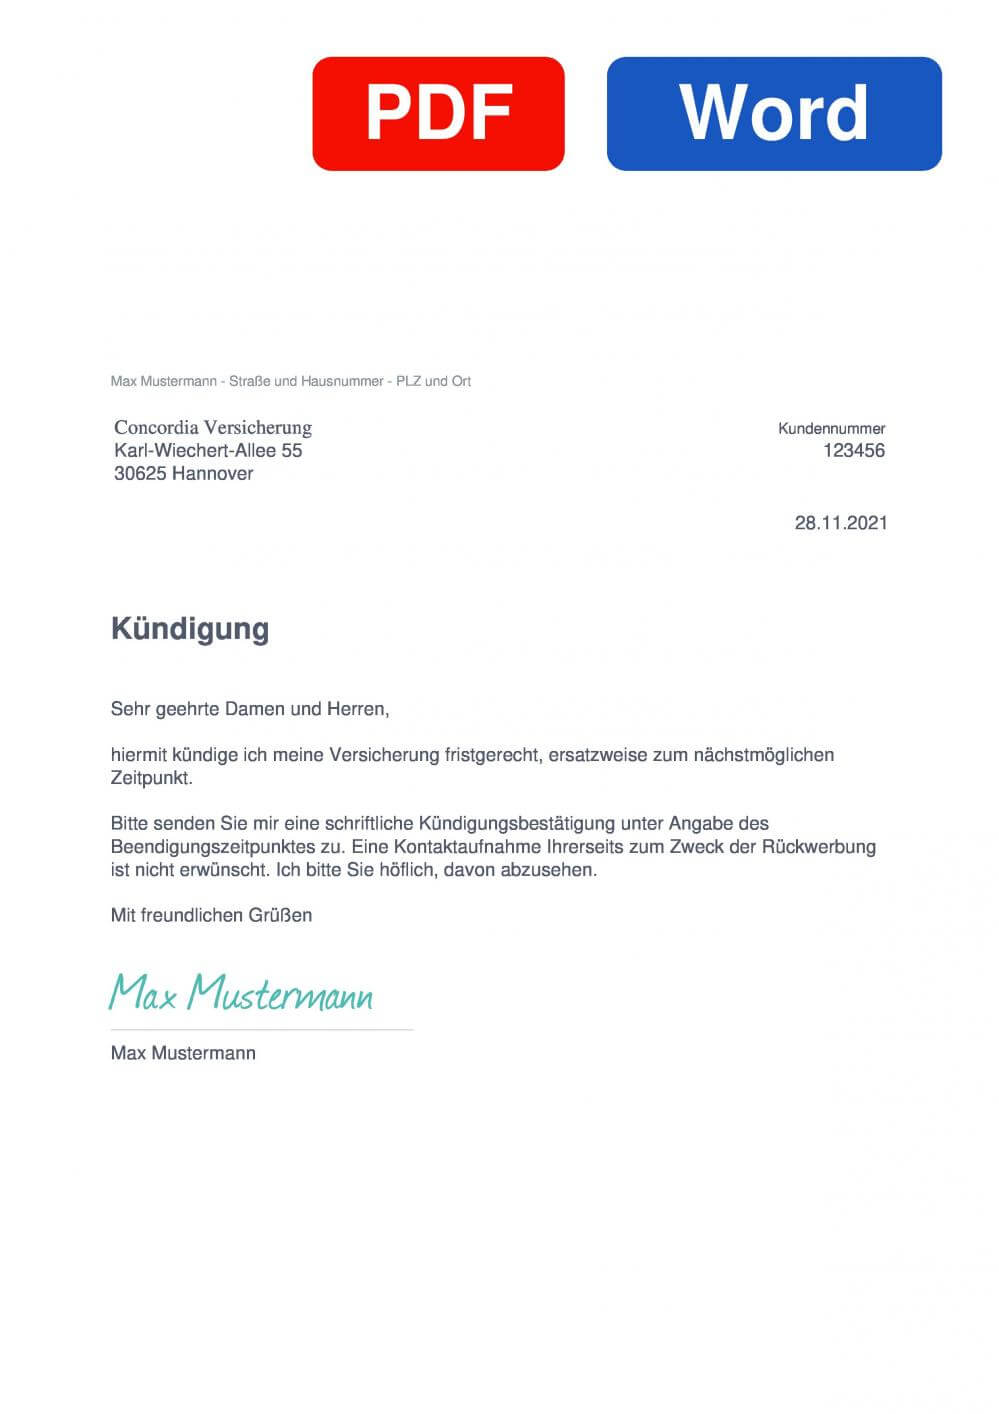 Concordia Versicherung Muster Vorlage für Kündigungsschreiben